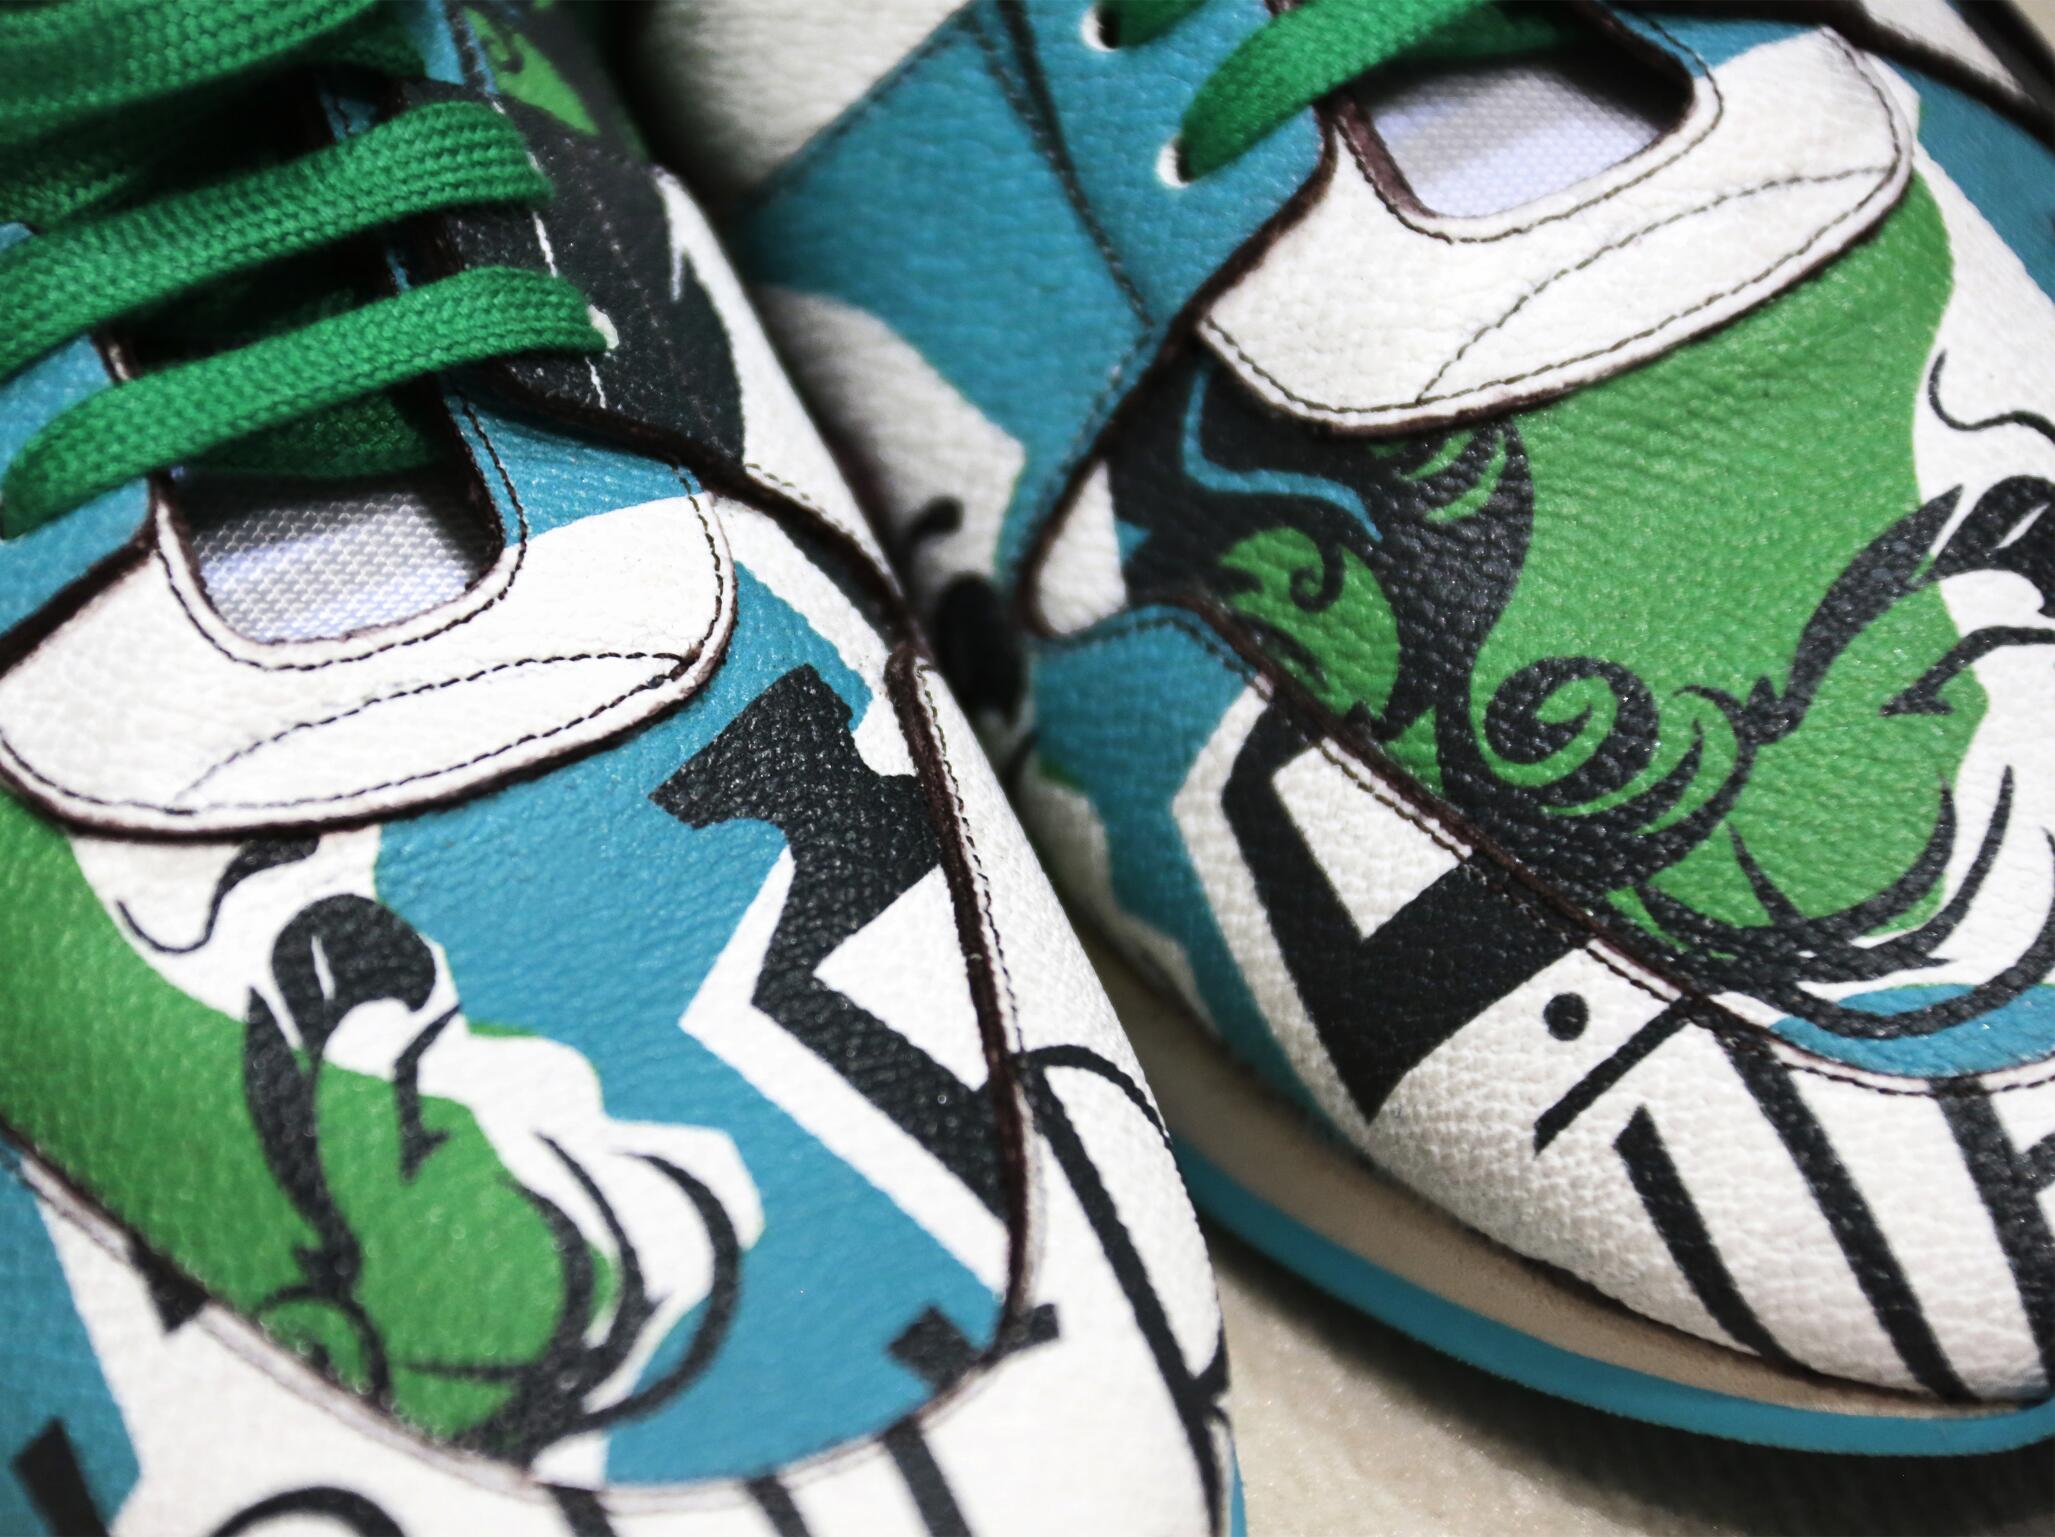 Backstage Burberry Prorsum Shoes Details